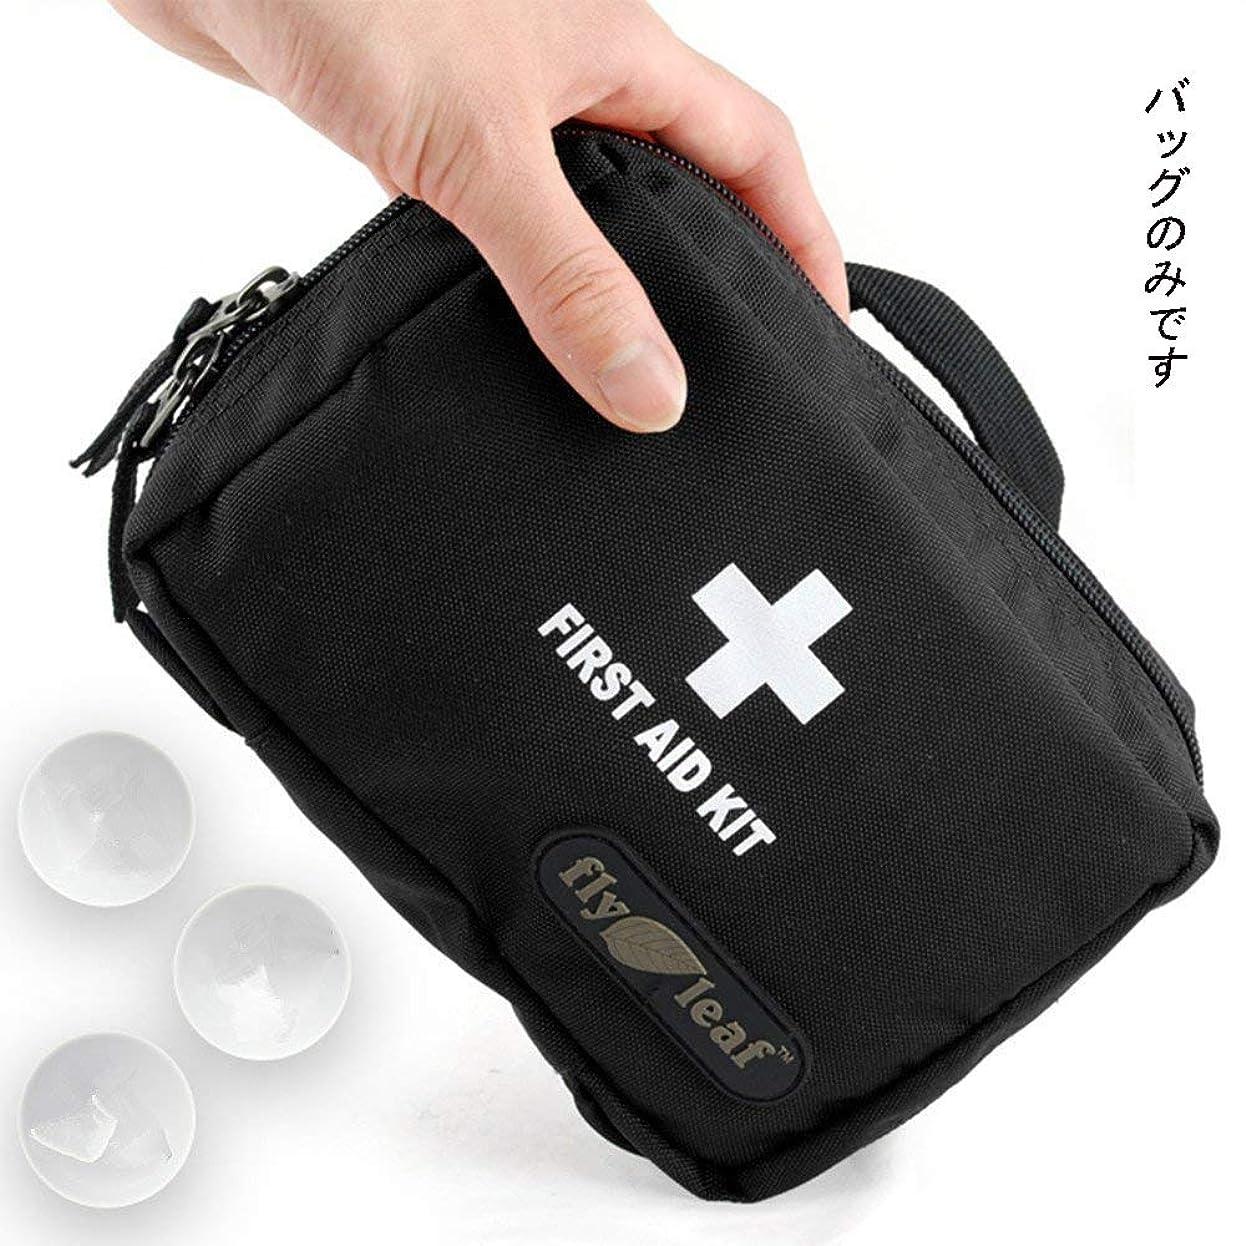 ジャンクション二度浪費救急セット 応急処置 救急バッグ 多機能 応急処置セット 家庭 職場 学校 アウトドア 登山 旅行 非常時用 携帯用救急箱